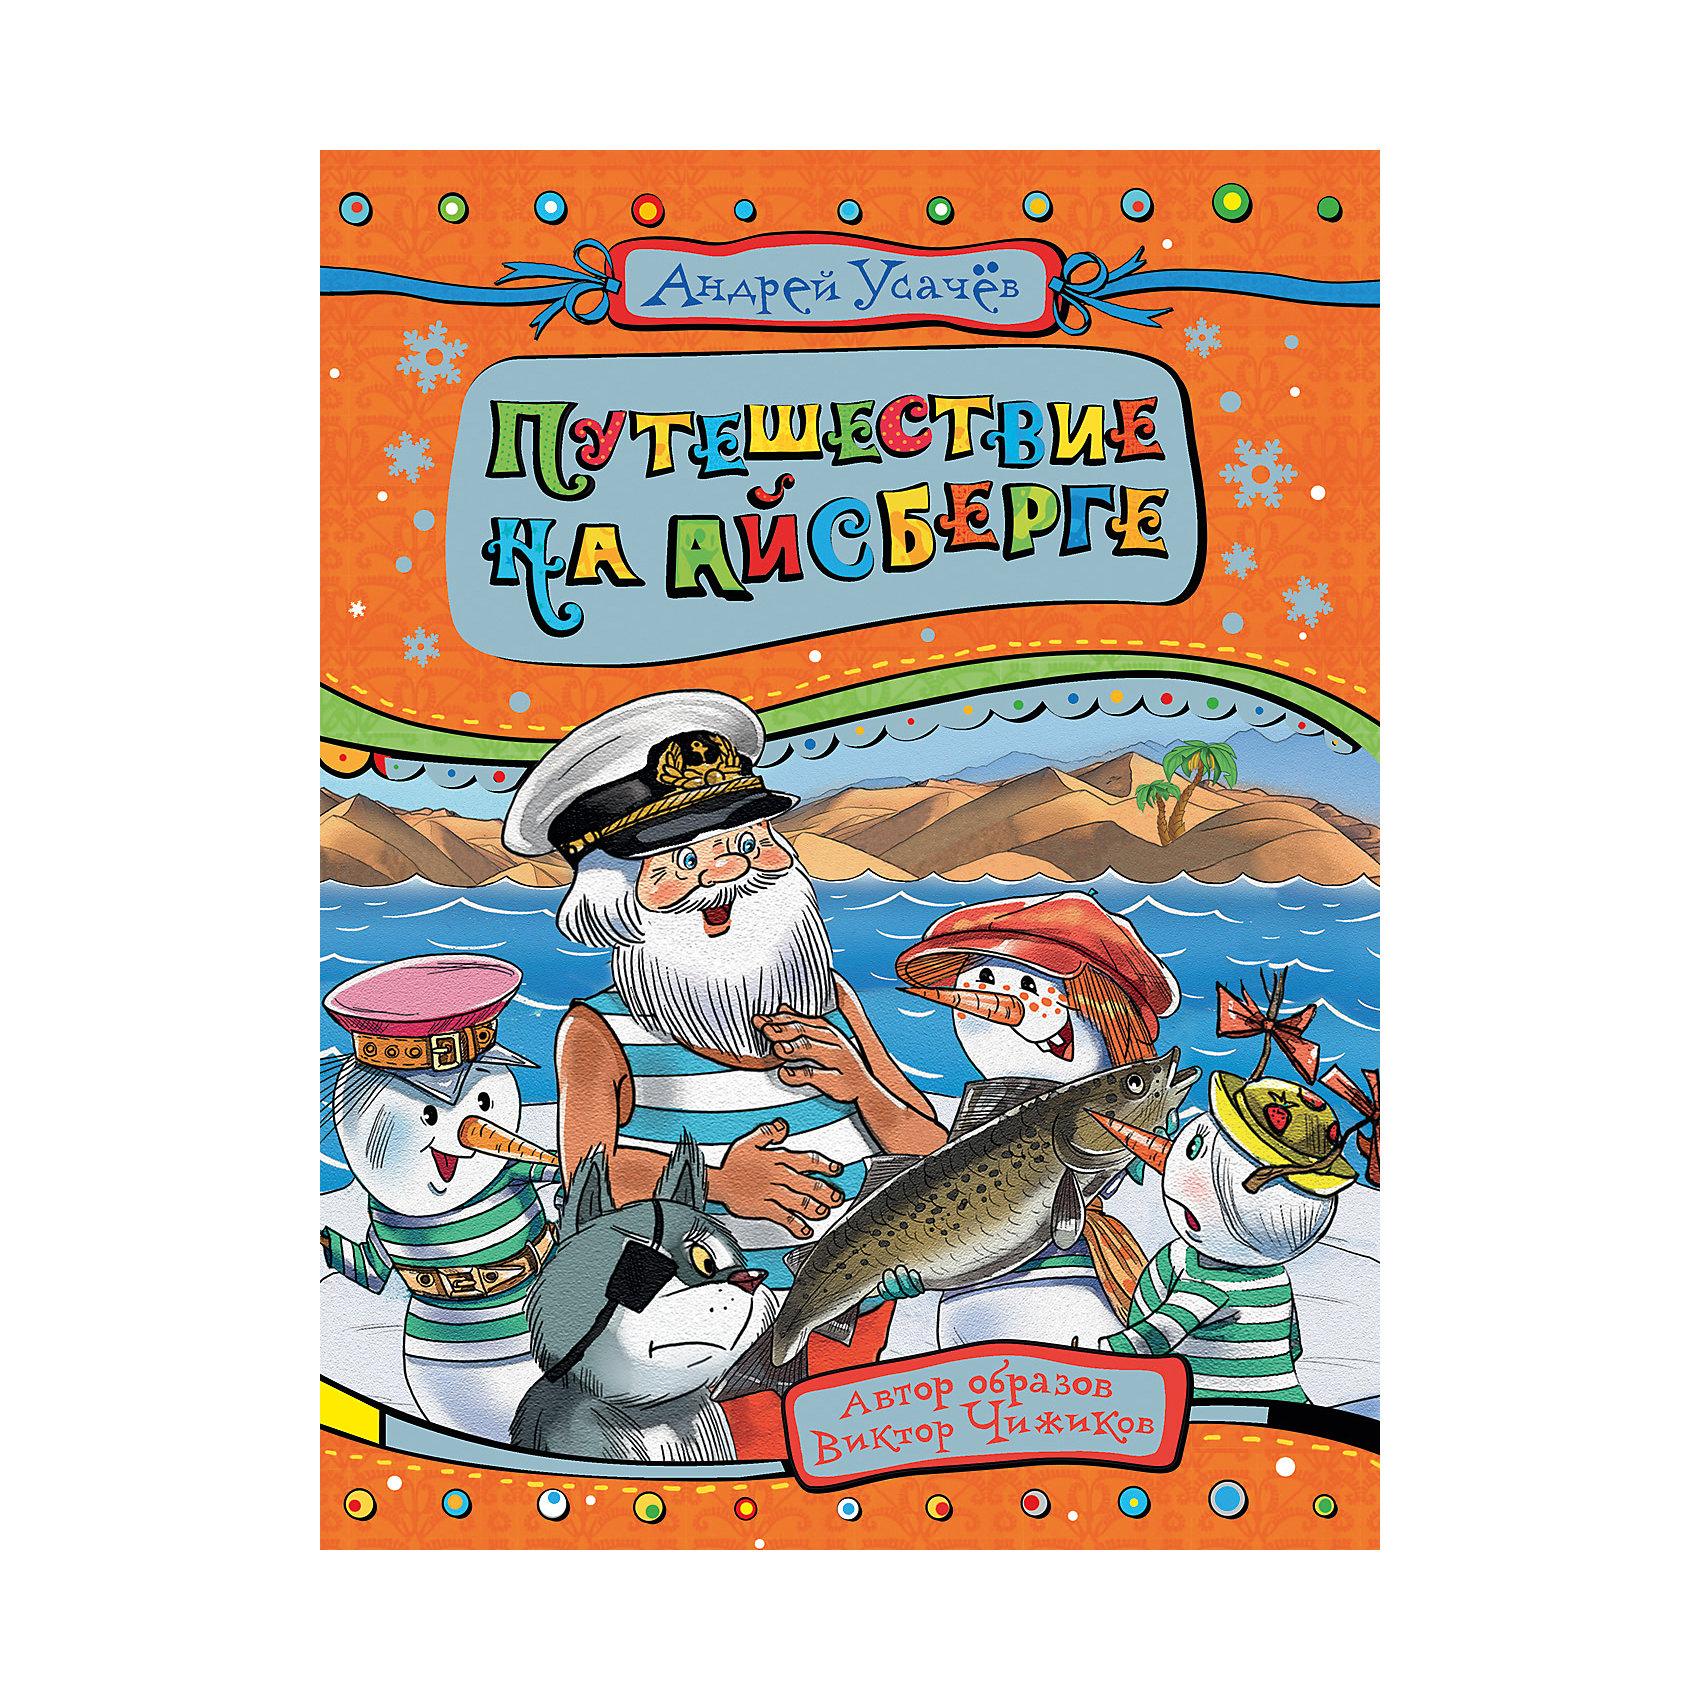 Путешествие на айсберге, А. УсачевХарактеристики товара:<br><br>- цвет: разноцветный;<br>- материал: бумага;<br>- страниц: 128;<br>- формат: 28 x 21 см;<br>- обложка: твердая;<br>- возраст: от пяти лет;<br>- цветные иллюстрации.<br><br>Эта интересная книга с яркими иллюстрациями станет отличным подарком для ребенка. Она содержит в себе поучительные и захватывающие приключения, причем сюжет - на новогоднюю тематику! Талантливый иллюстратор дополнил книгу яркими картинками, которые помогают ребенку проникнуться духом волшебства.<br>Чтение - отличный способ активизации мышления, оно помогает ребенку развивать зрительную память, концентрацию внимания и воображение. Издание произведено из качественных материалов, которые безопасны даже для самых маленьких.<br><br>Издание Путешествие на айсберге, А. Усачев от компании Росмэн можно купить в нашем интернет-магазине.<br><br>Ширина мм: 283<br>Глубина мм: 218<br>Высота мм: 11<br>Вес г: 580<br>Возраст от месяцев: 60<br>Возраст до месяцев: 84<br>Пол: Унисекс<br>Возраст: Детский<br>SKU: 5109798